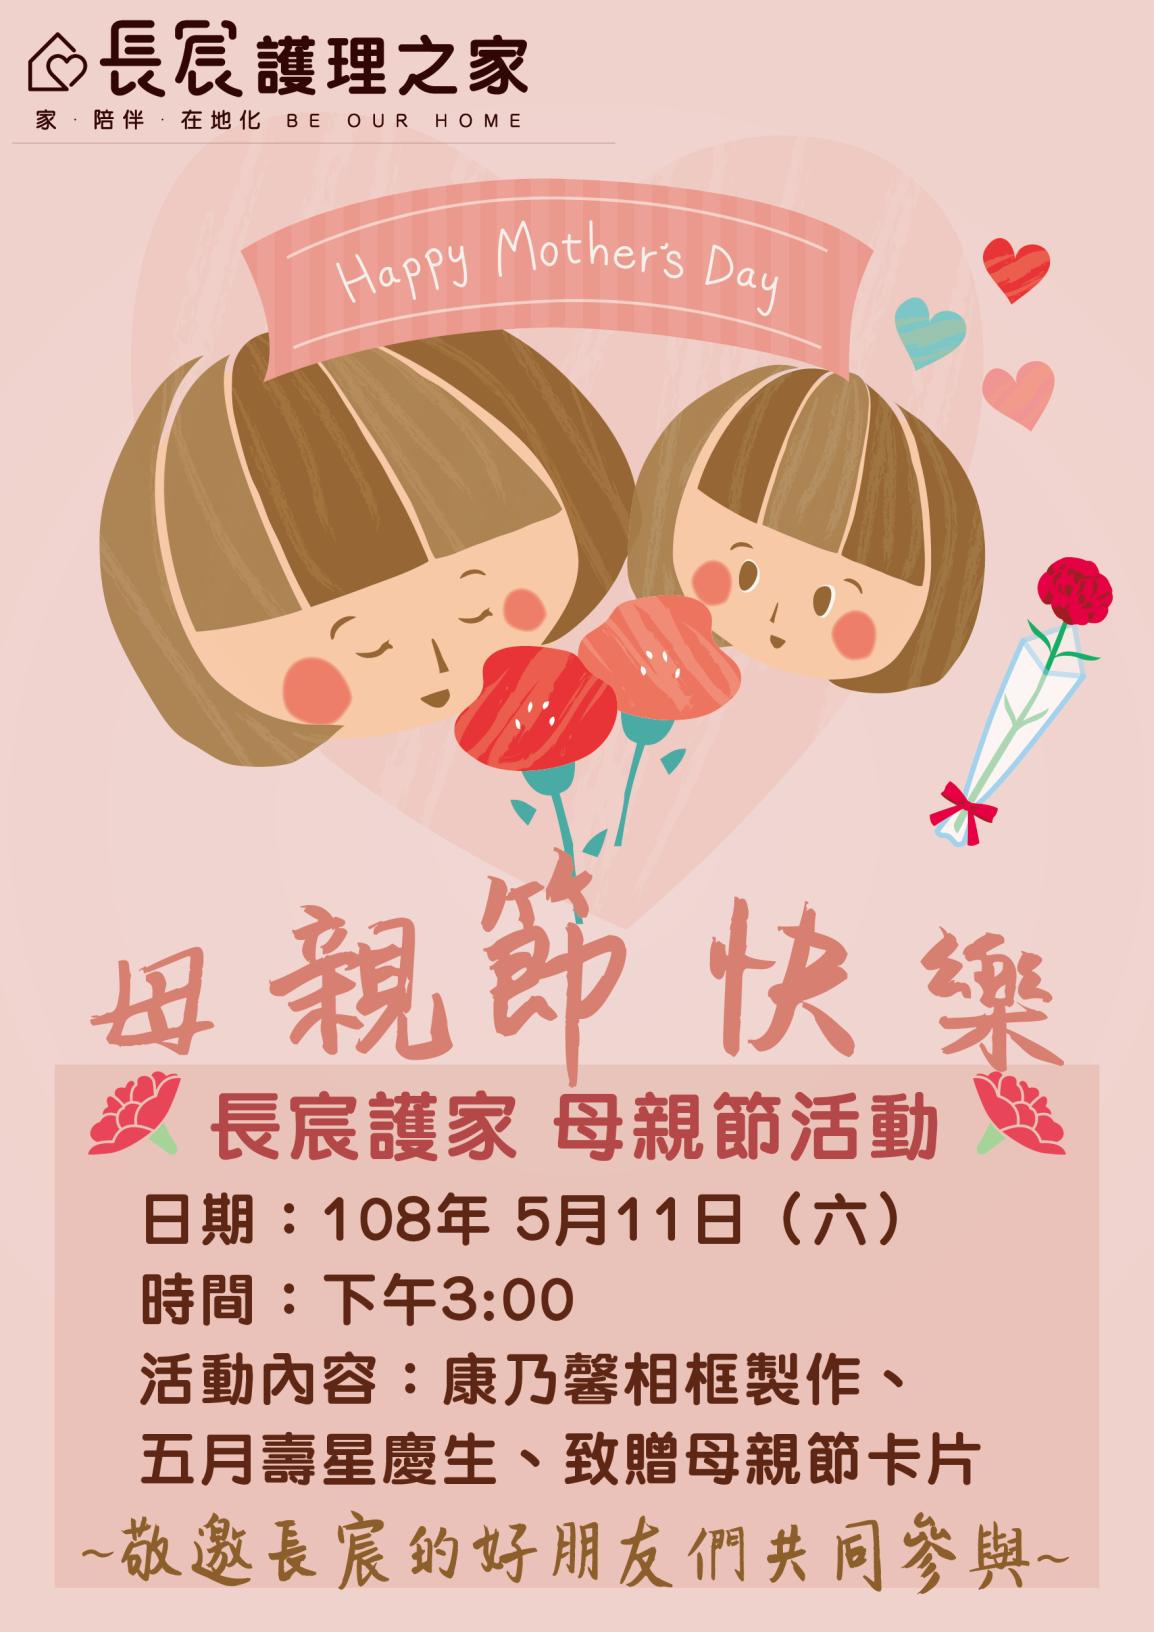 【長宸活動】母親節快樂